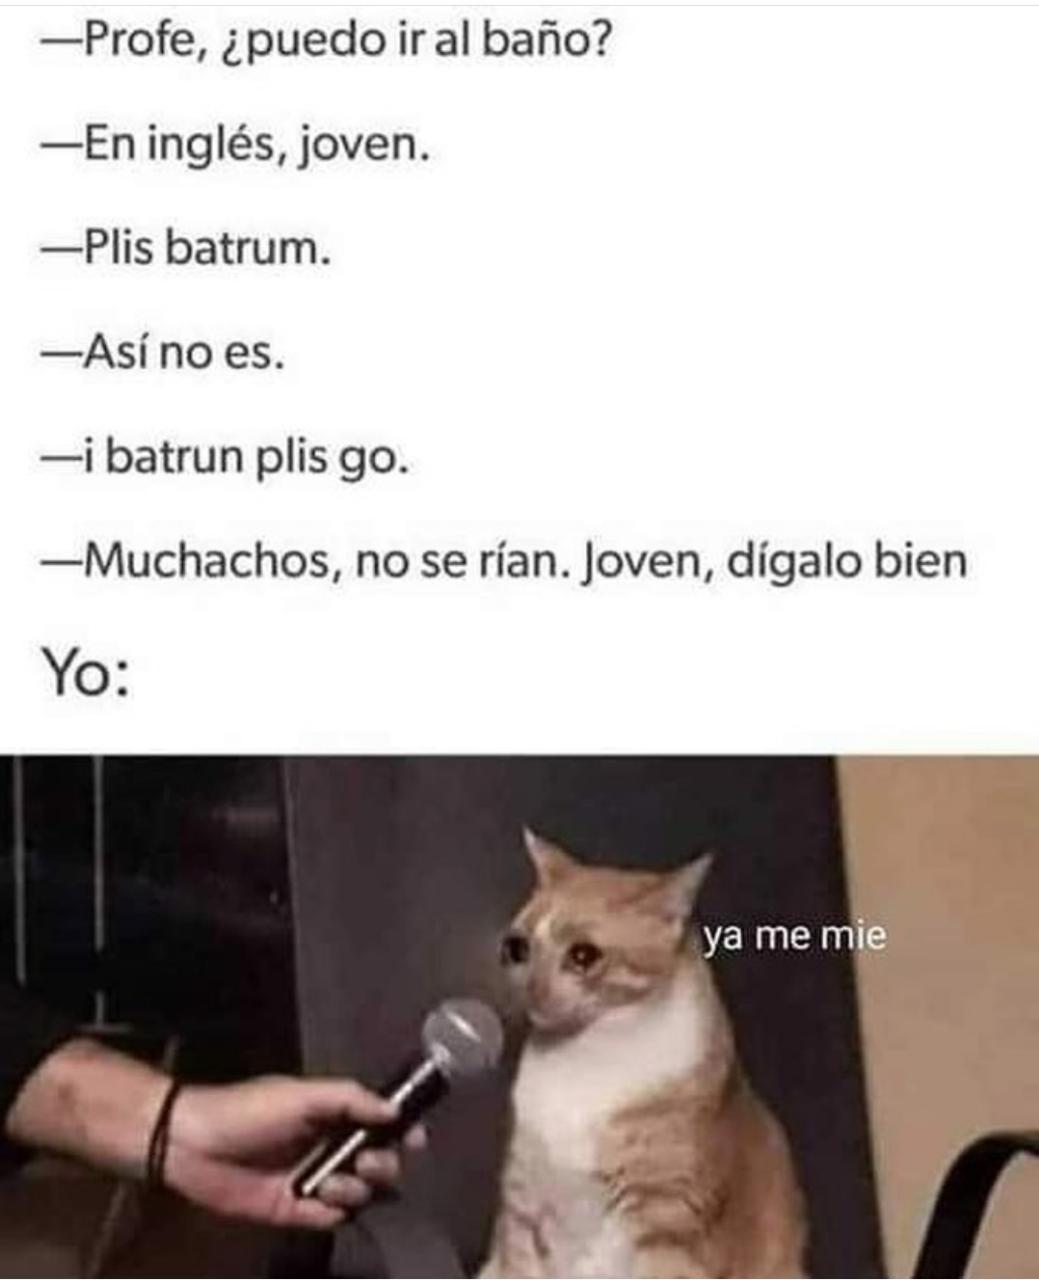 Inglés tipo Éxito - meme